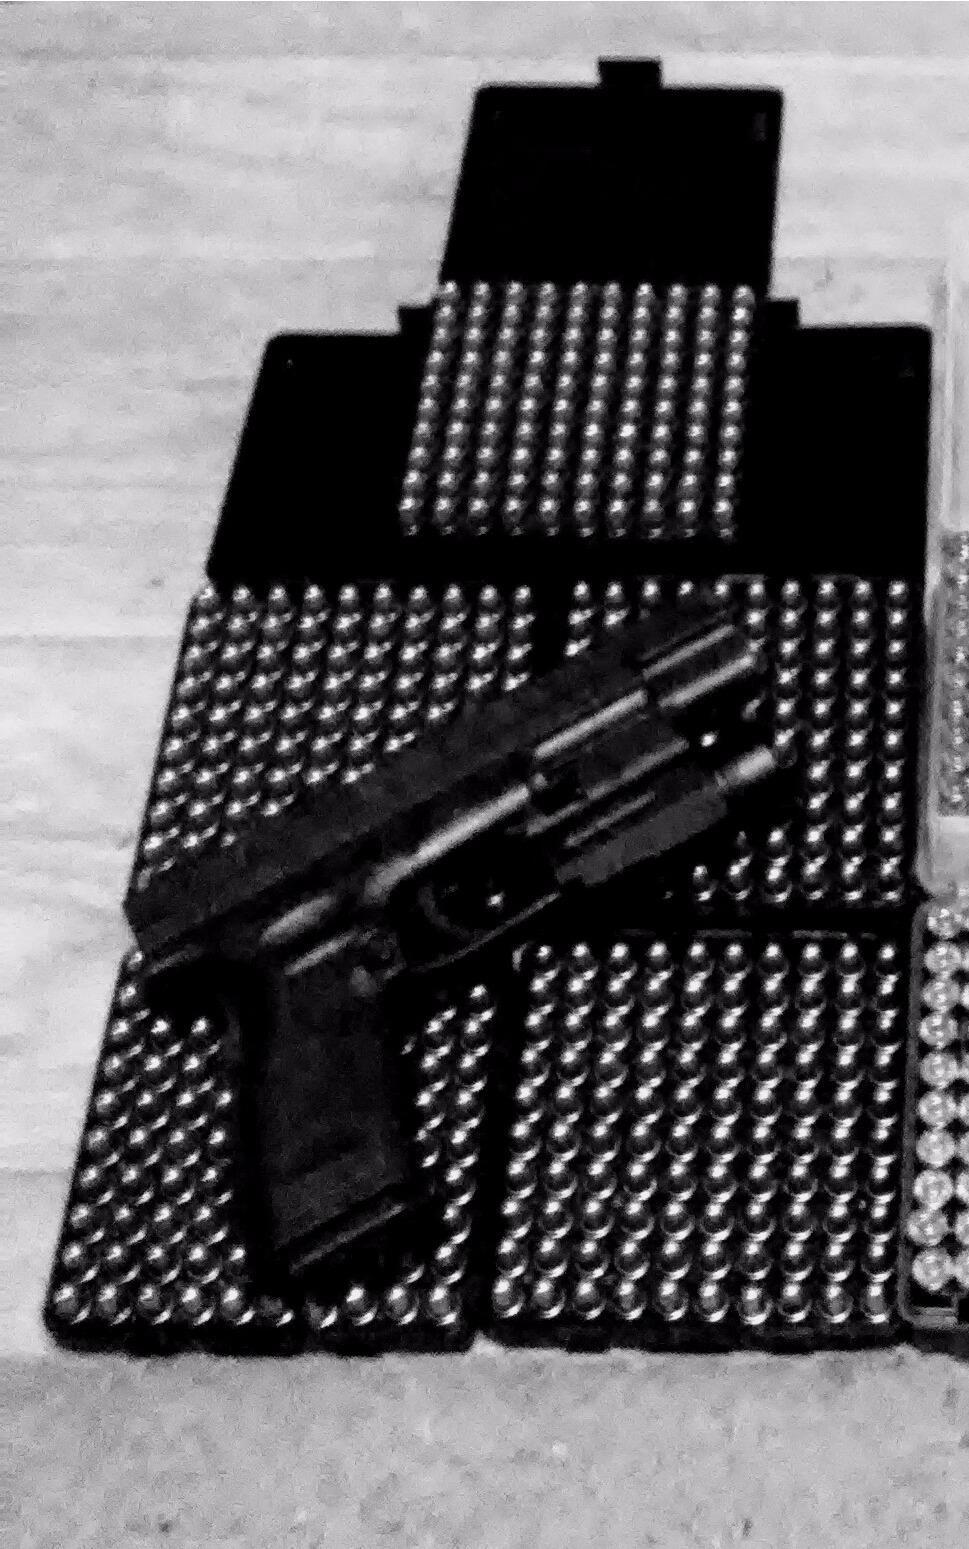 Semi-Automatic Pistols